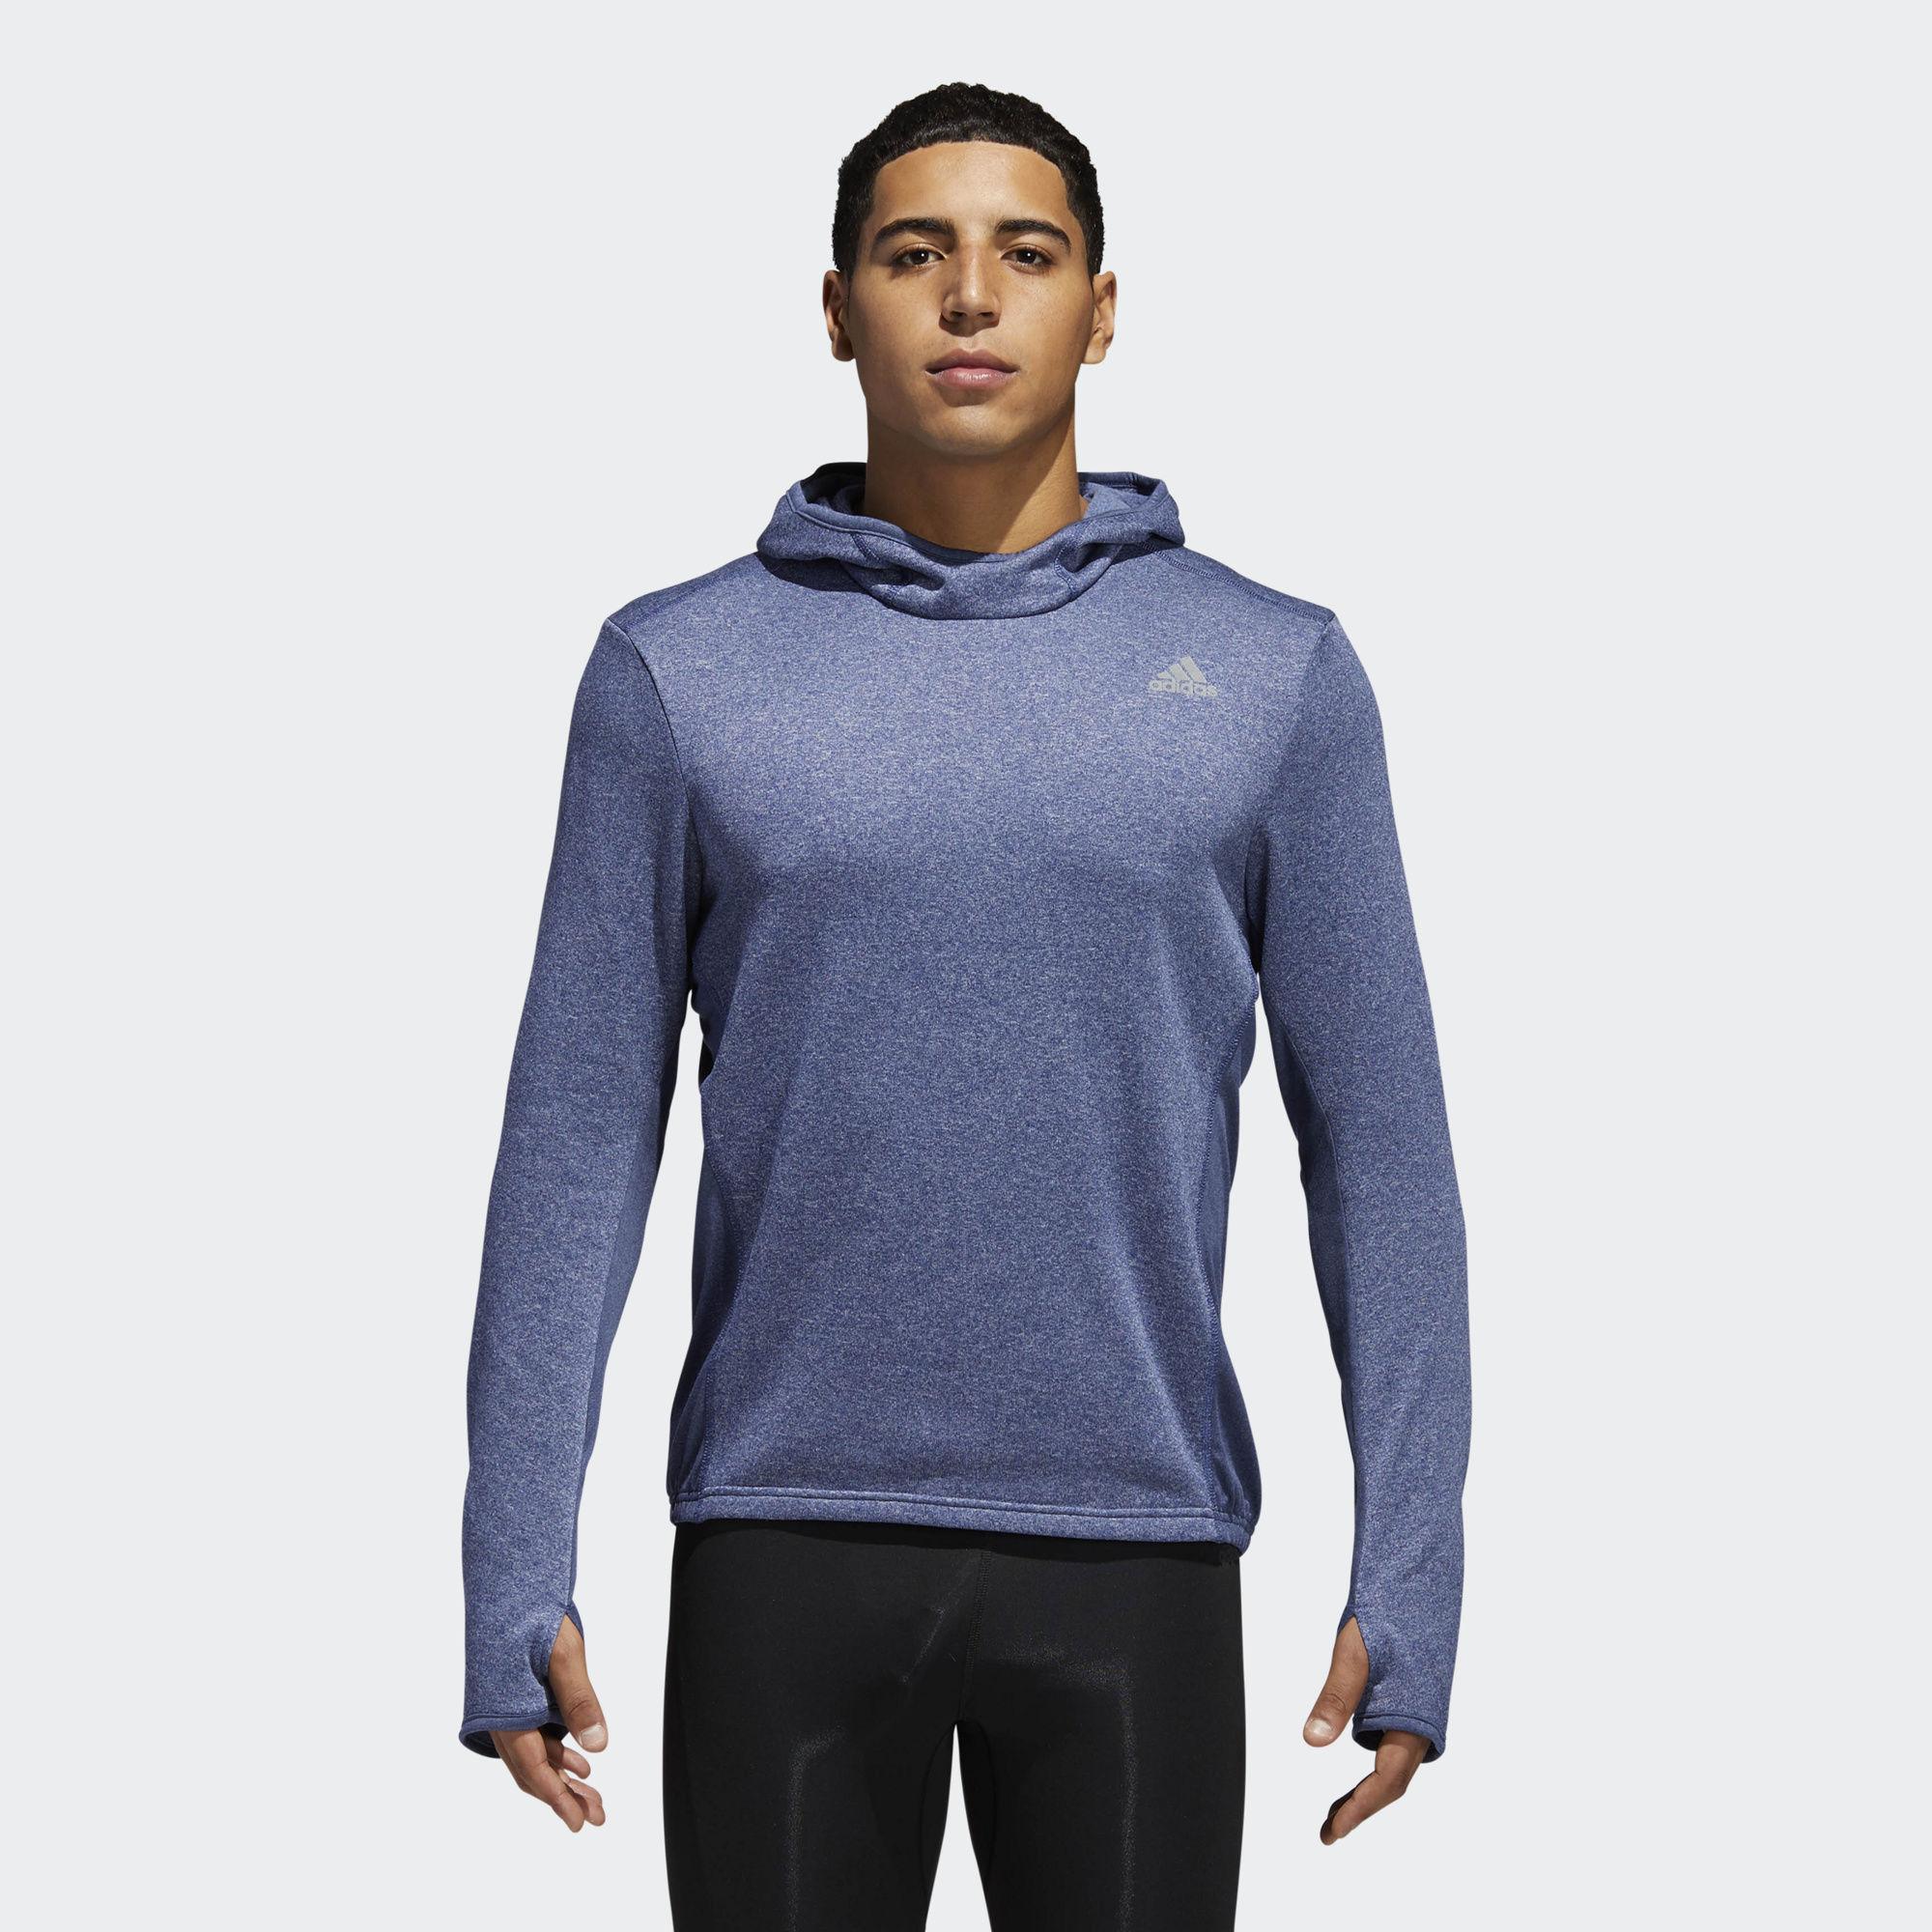 Толстовка мужская adidas Rs Hoodie M, цвет: синий. CF2055. Размер S (44/46)CF2055Толстовка от adidas изготовлена специально для спортивных тренировок. Модель сохраняет максимум тепла благодаря ткани с технологией Climawarm и удлиненным рукавам с прорезями для больших пальцев. Приталенный крой и облегающий капюшон для дополнительной защиты от холода. Модель дополнена светоотражающими полосами на капюшоне.